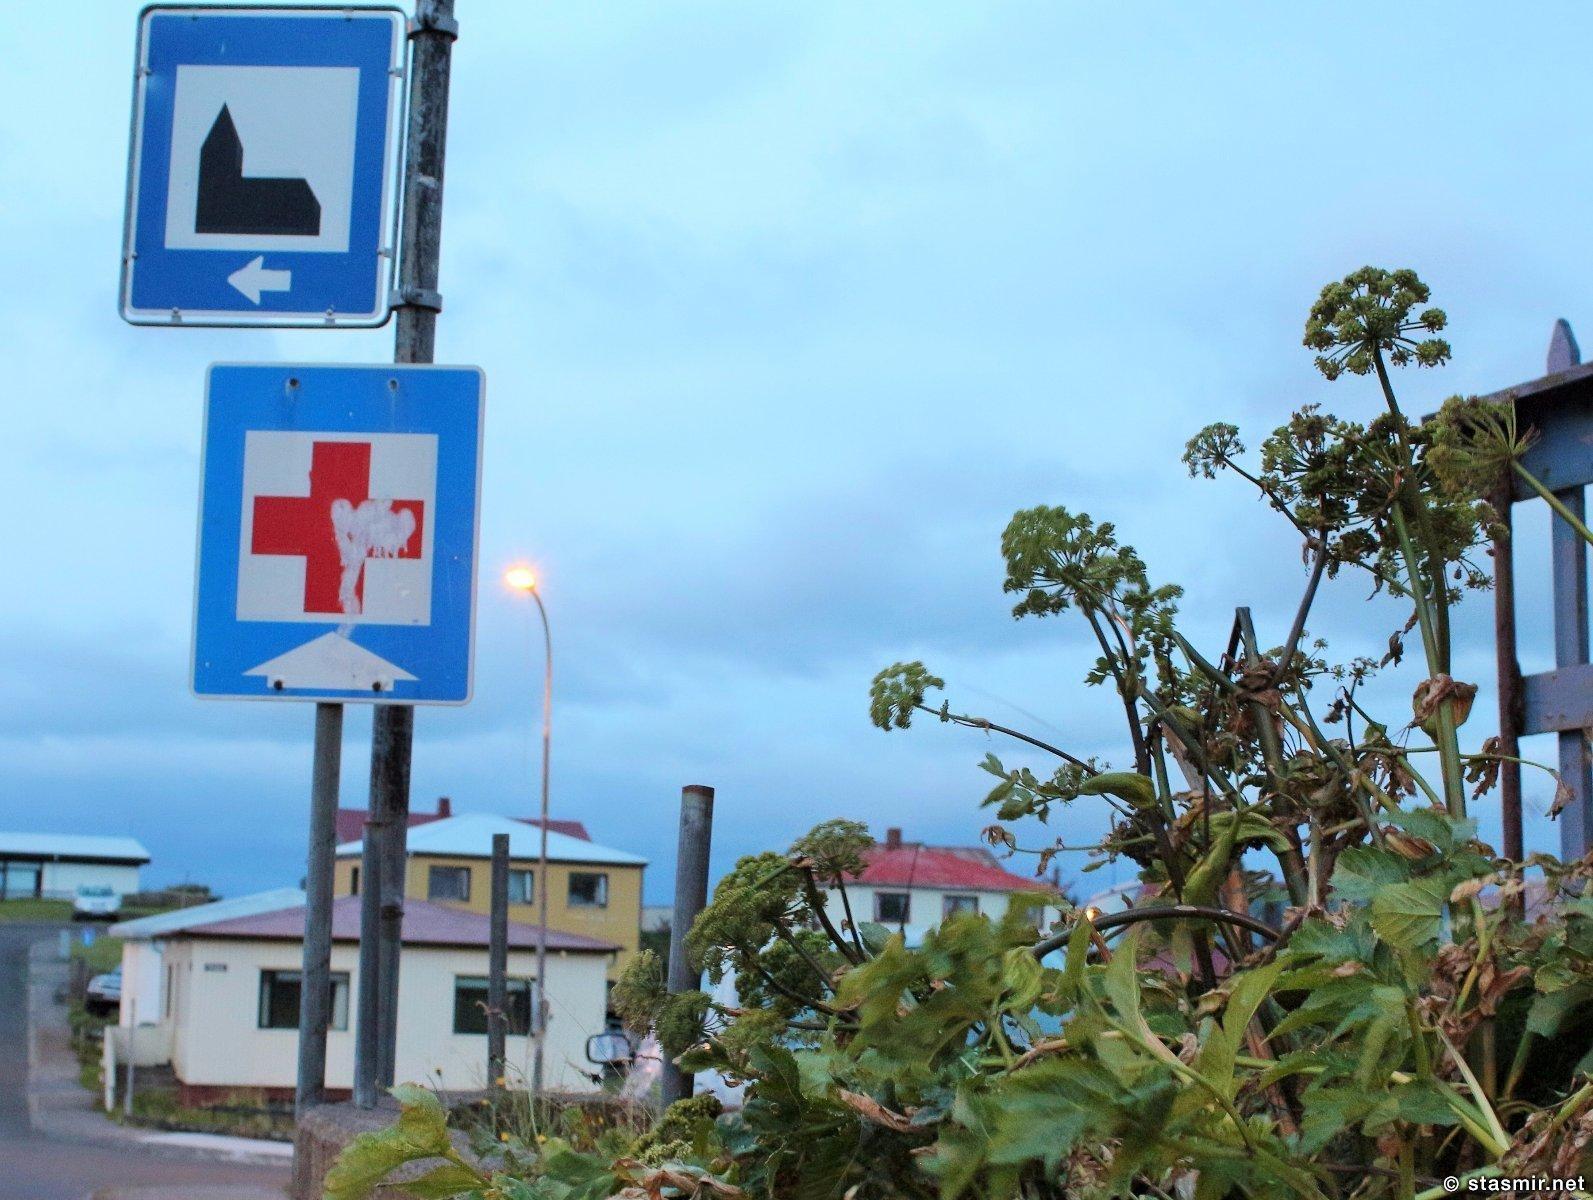 Стиккисхоульмюр, Stykkisholmur, Западная Исландия, дорожные знаки, заросли дударя, фото Стасмир, photo Stasmir